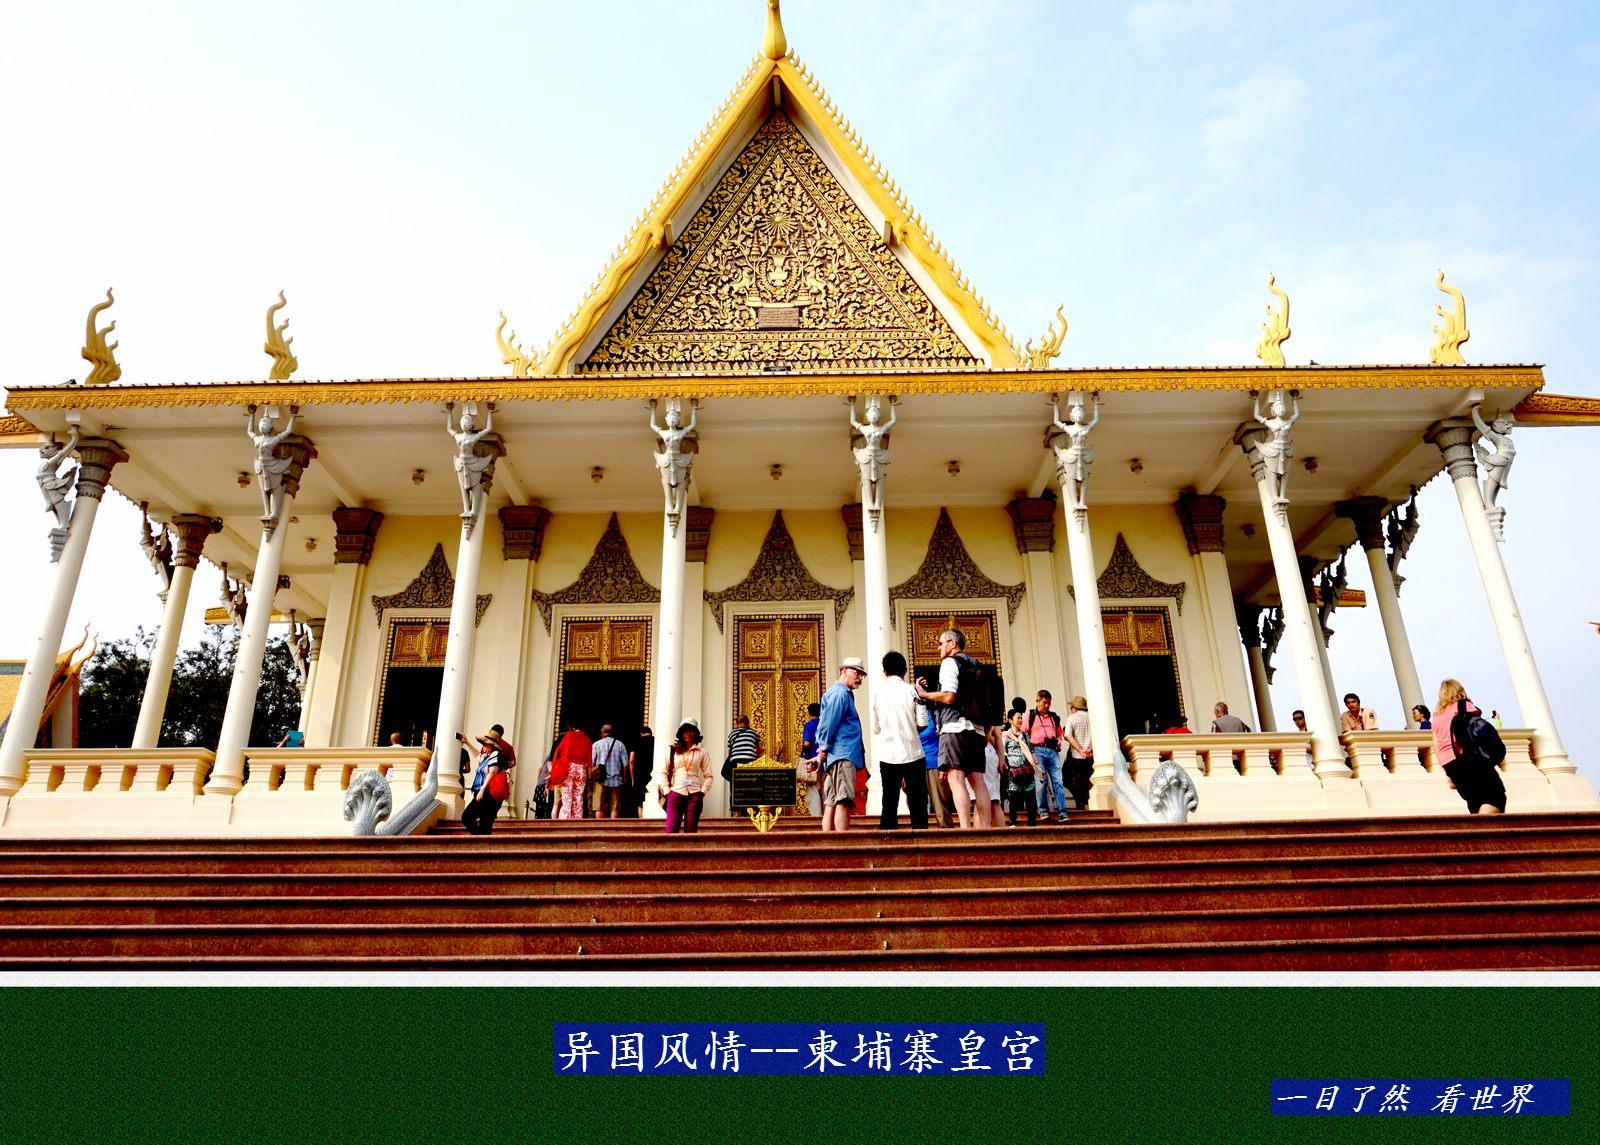 柬埔寨皇宫-37-1600.jpg